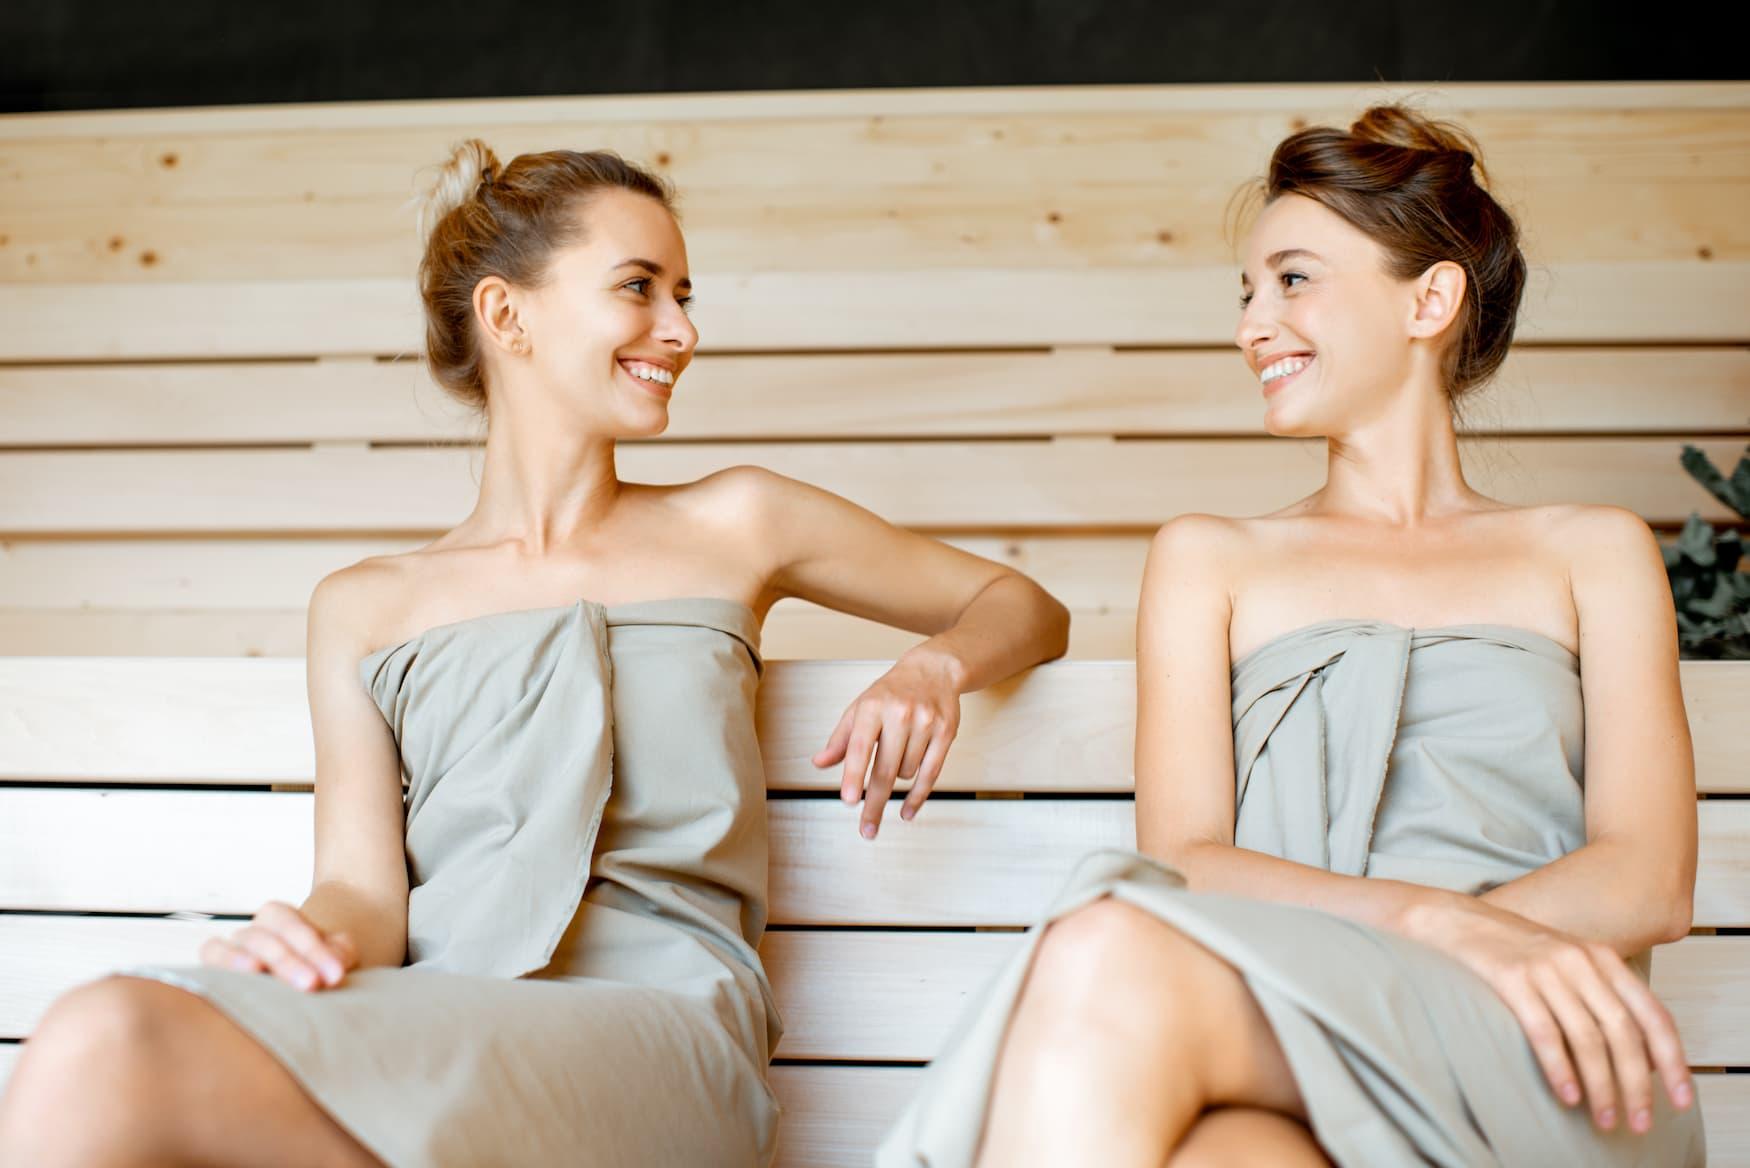 Zwei Freundinnen sitzen in Sauna und reden miteinander